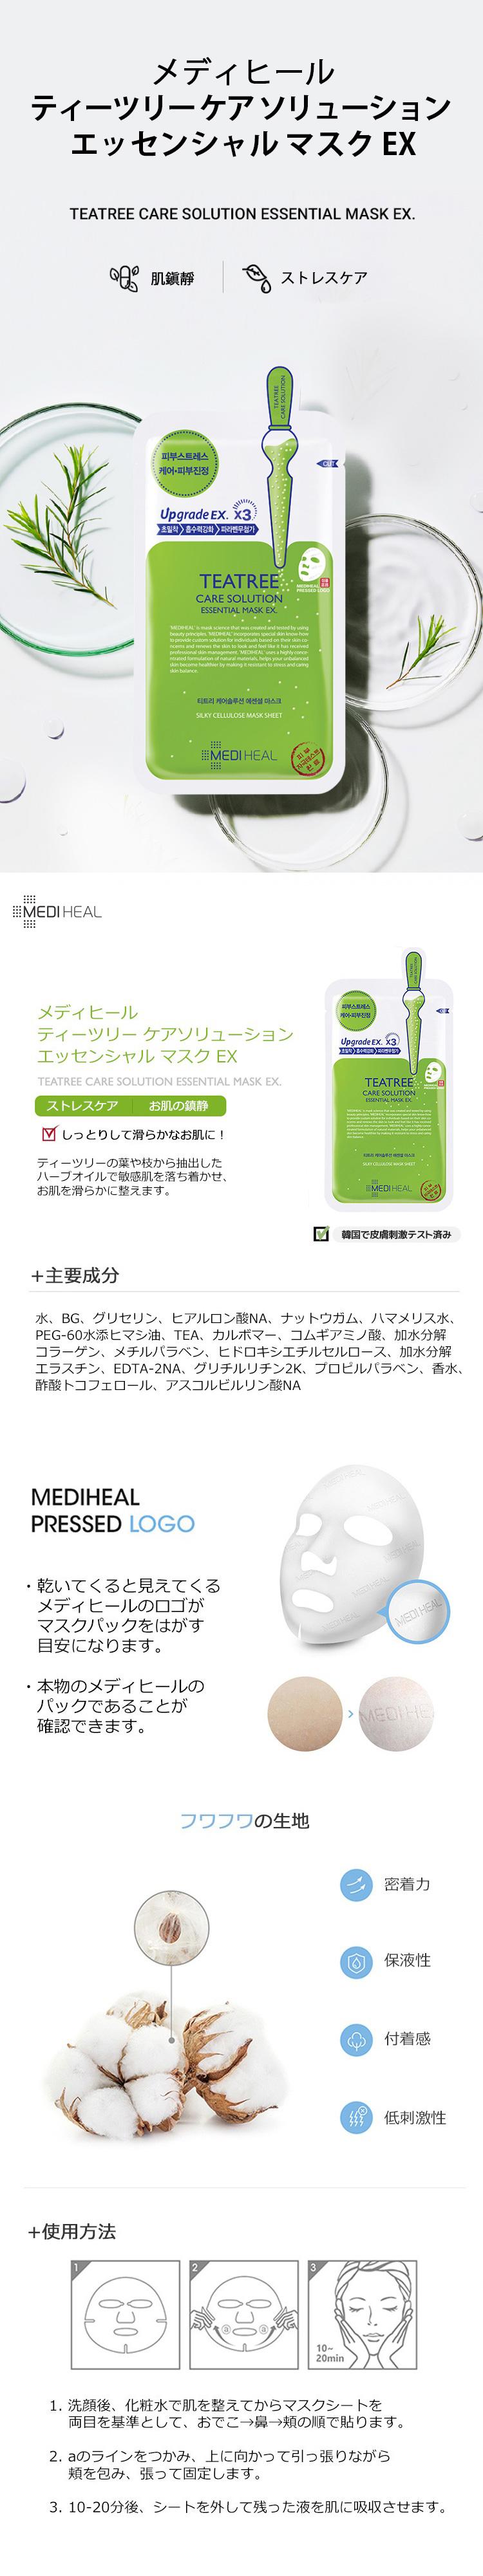 [MEDIHEAL]メディヒール ティーツリー ケア ソリューション エッセンシャルマスク EX